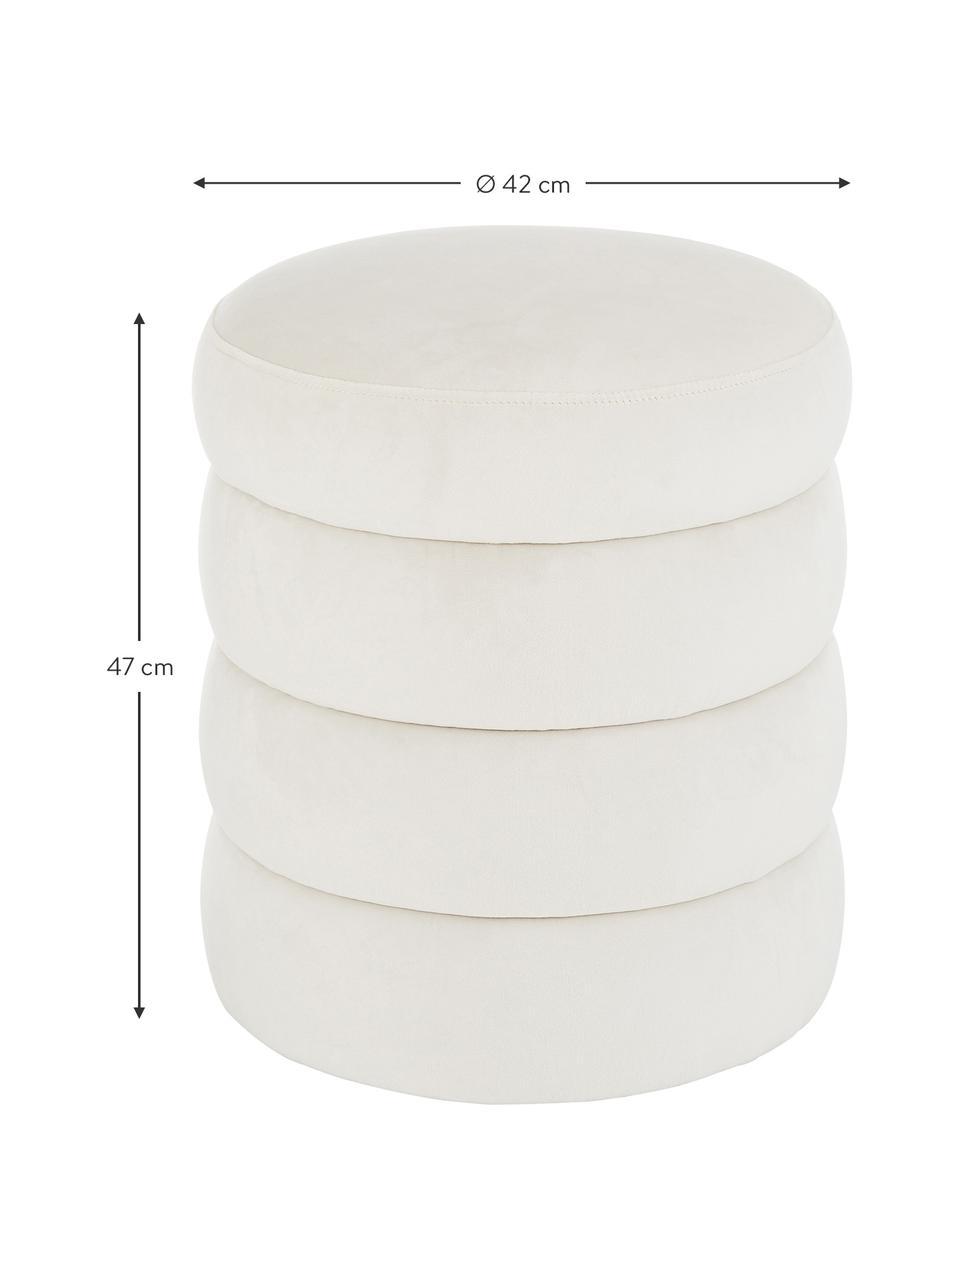 Fluwelen poef Alto, Bekleding: fluweel (polyester), Frame: massief grenenhout, multi, Fluweel crèmewit, Ø 42 x H 47 cm